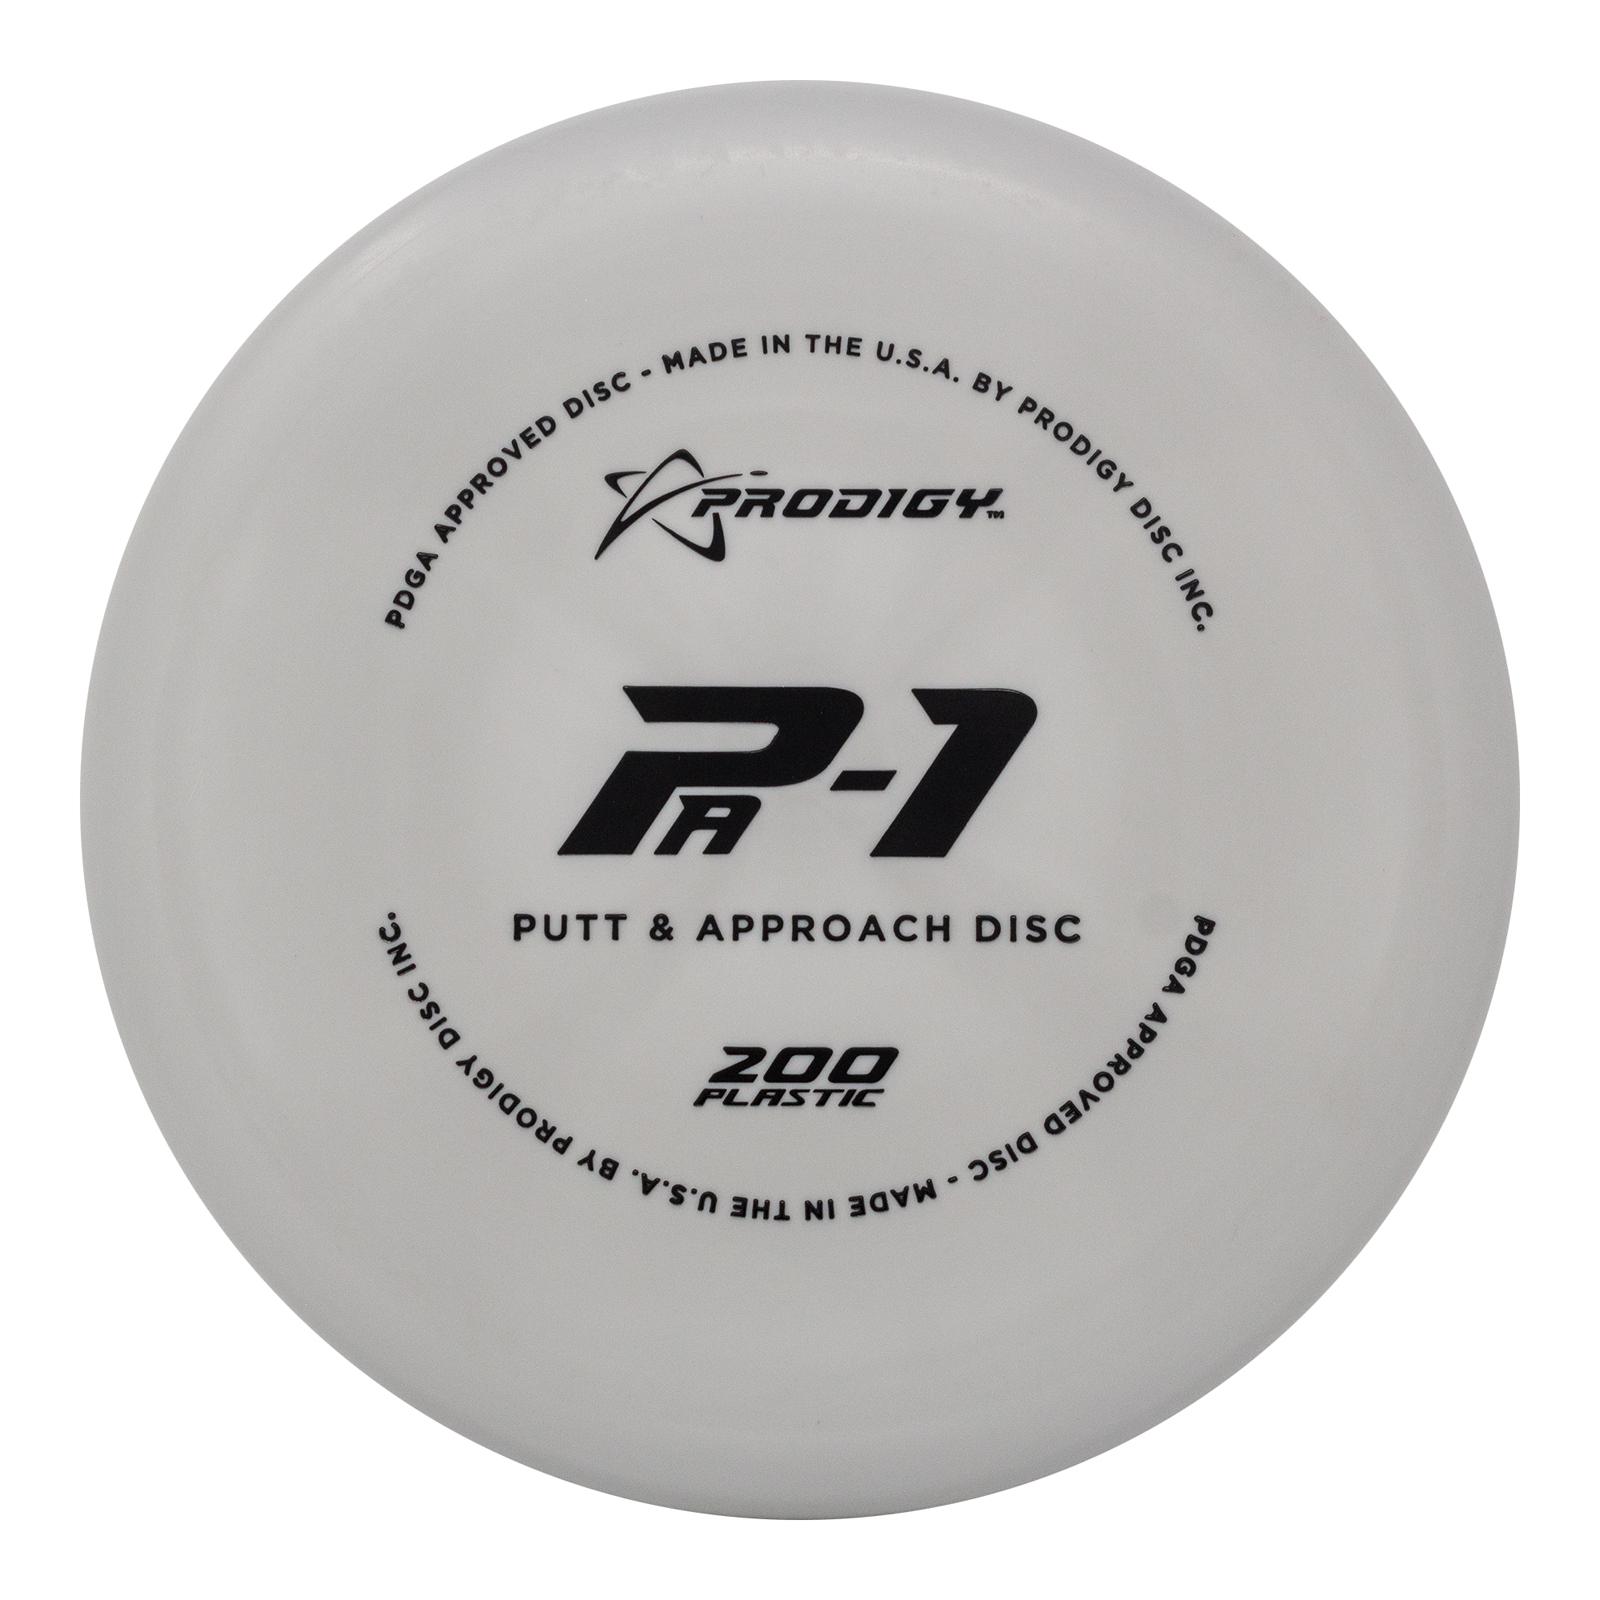 PA-1 - 200 PLASTIC